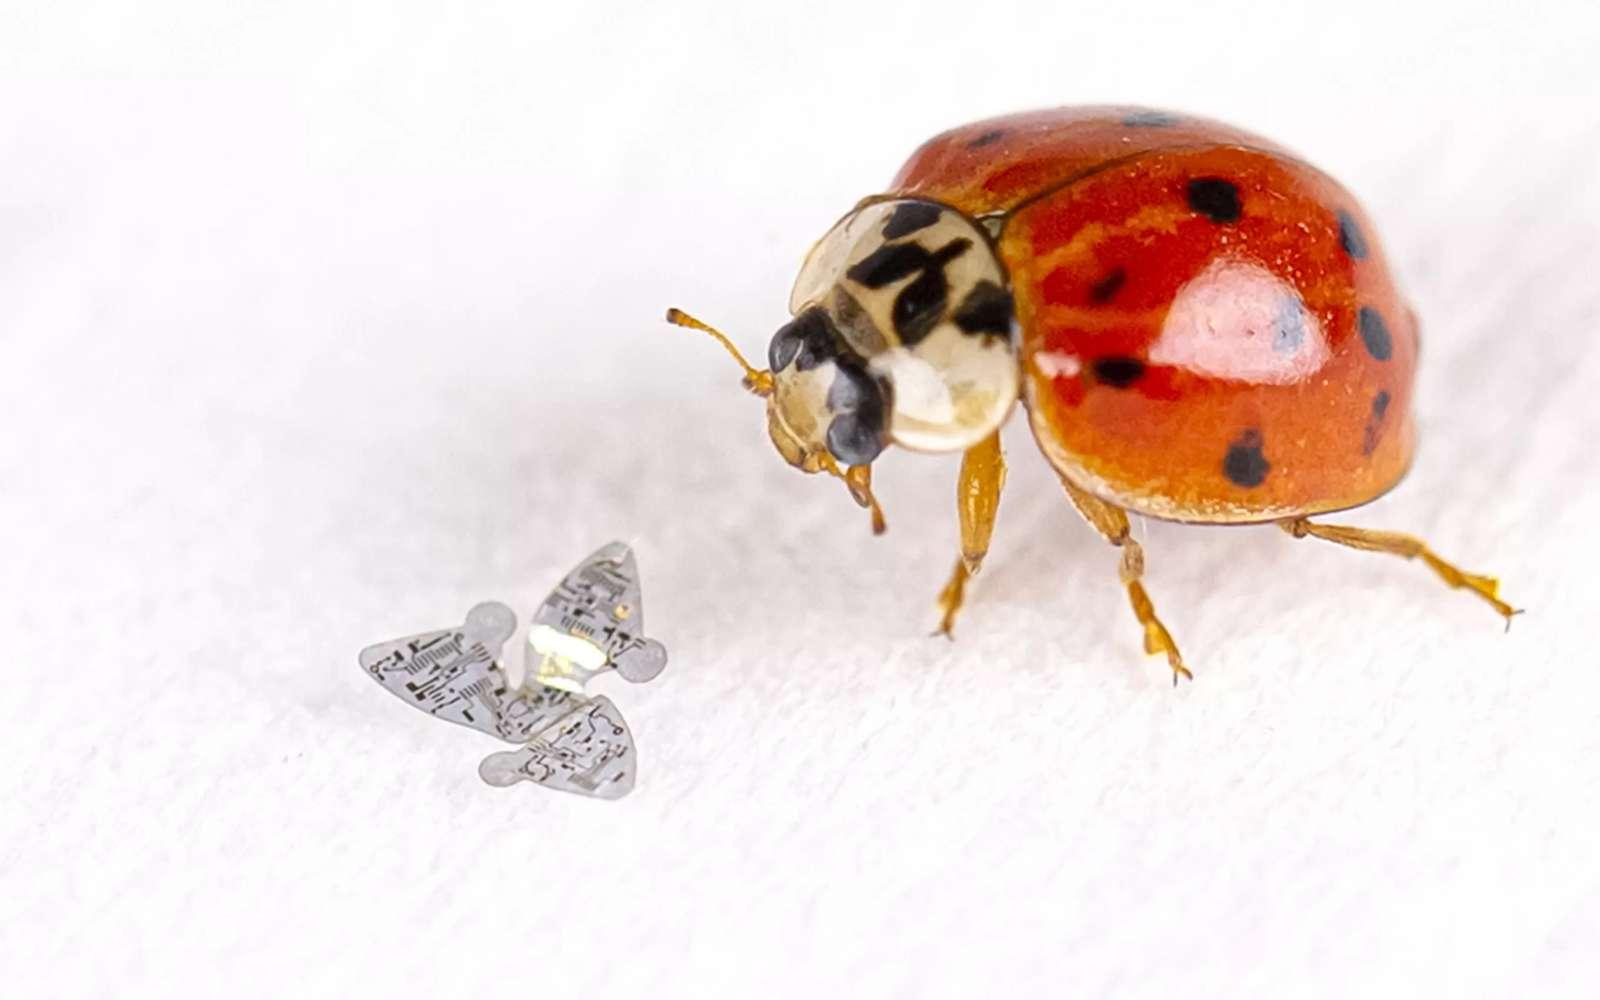 Voici un microflier à côté d'une coccinelle. L'insecte parait démesuré par rapport à l'aéronef. © Université de Northwestern